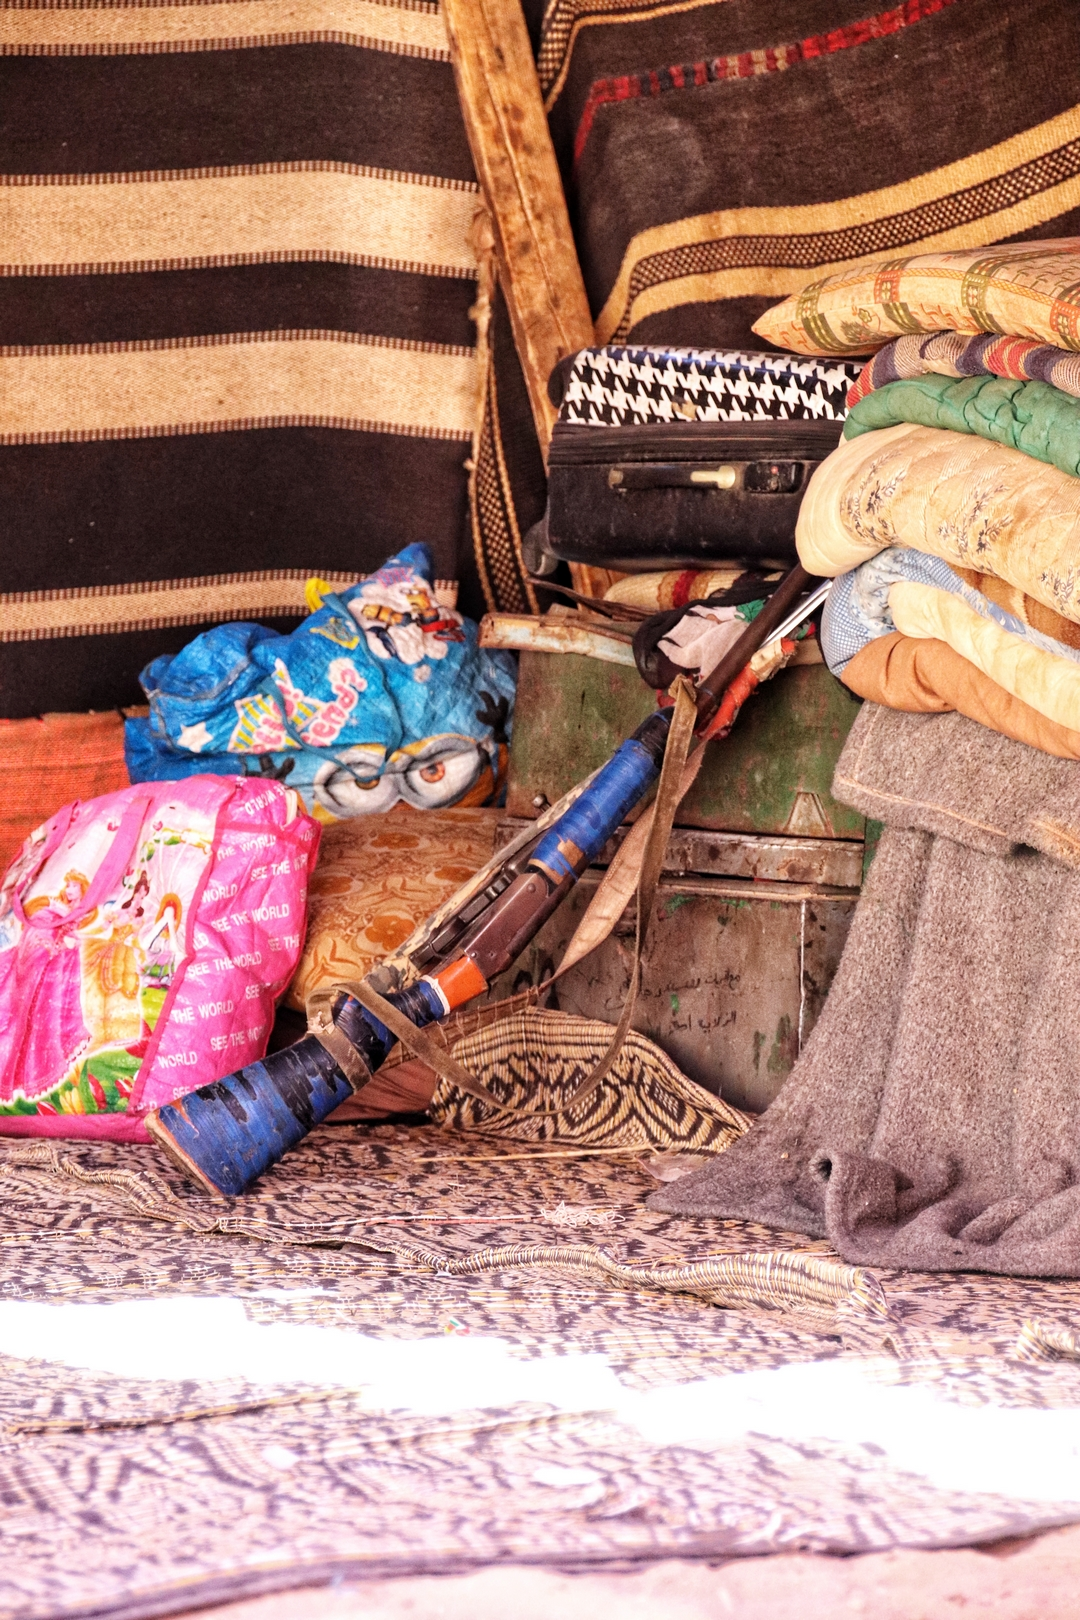 Jordanie - Campement bédouin dans le désert de Wadi Rum